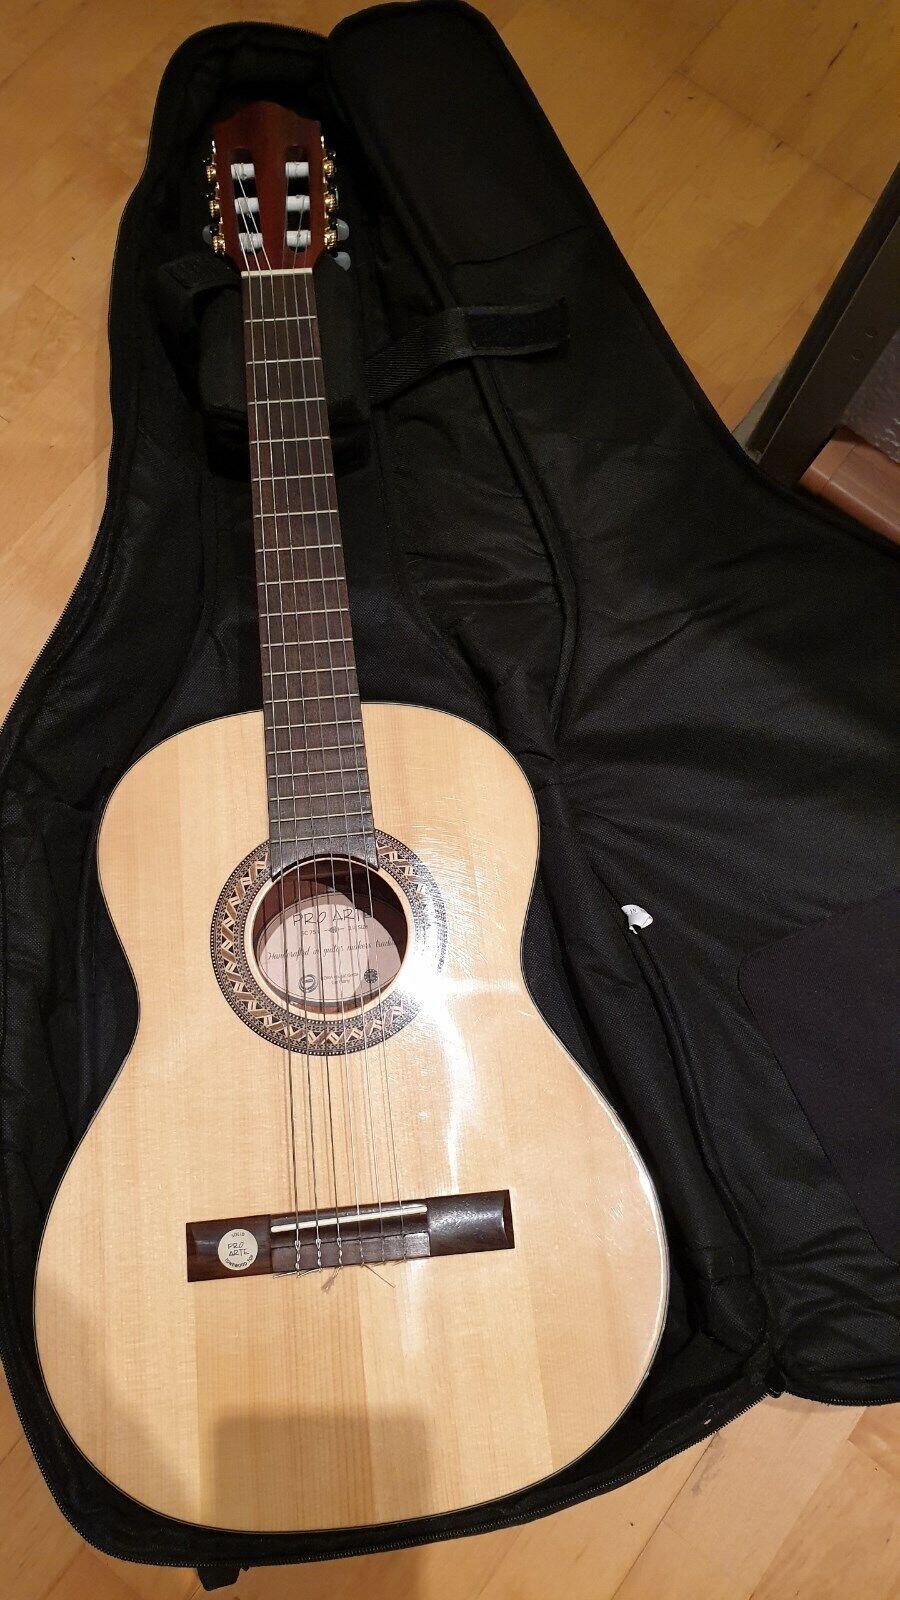 Gitarre, pro arte GC 75 II 3 4 - mit Tasche